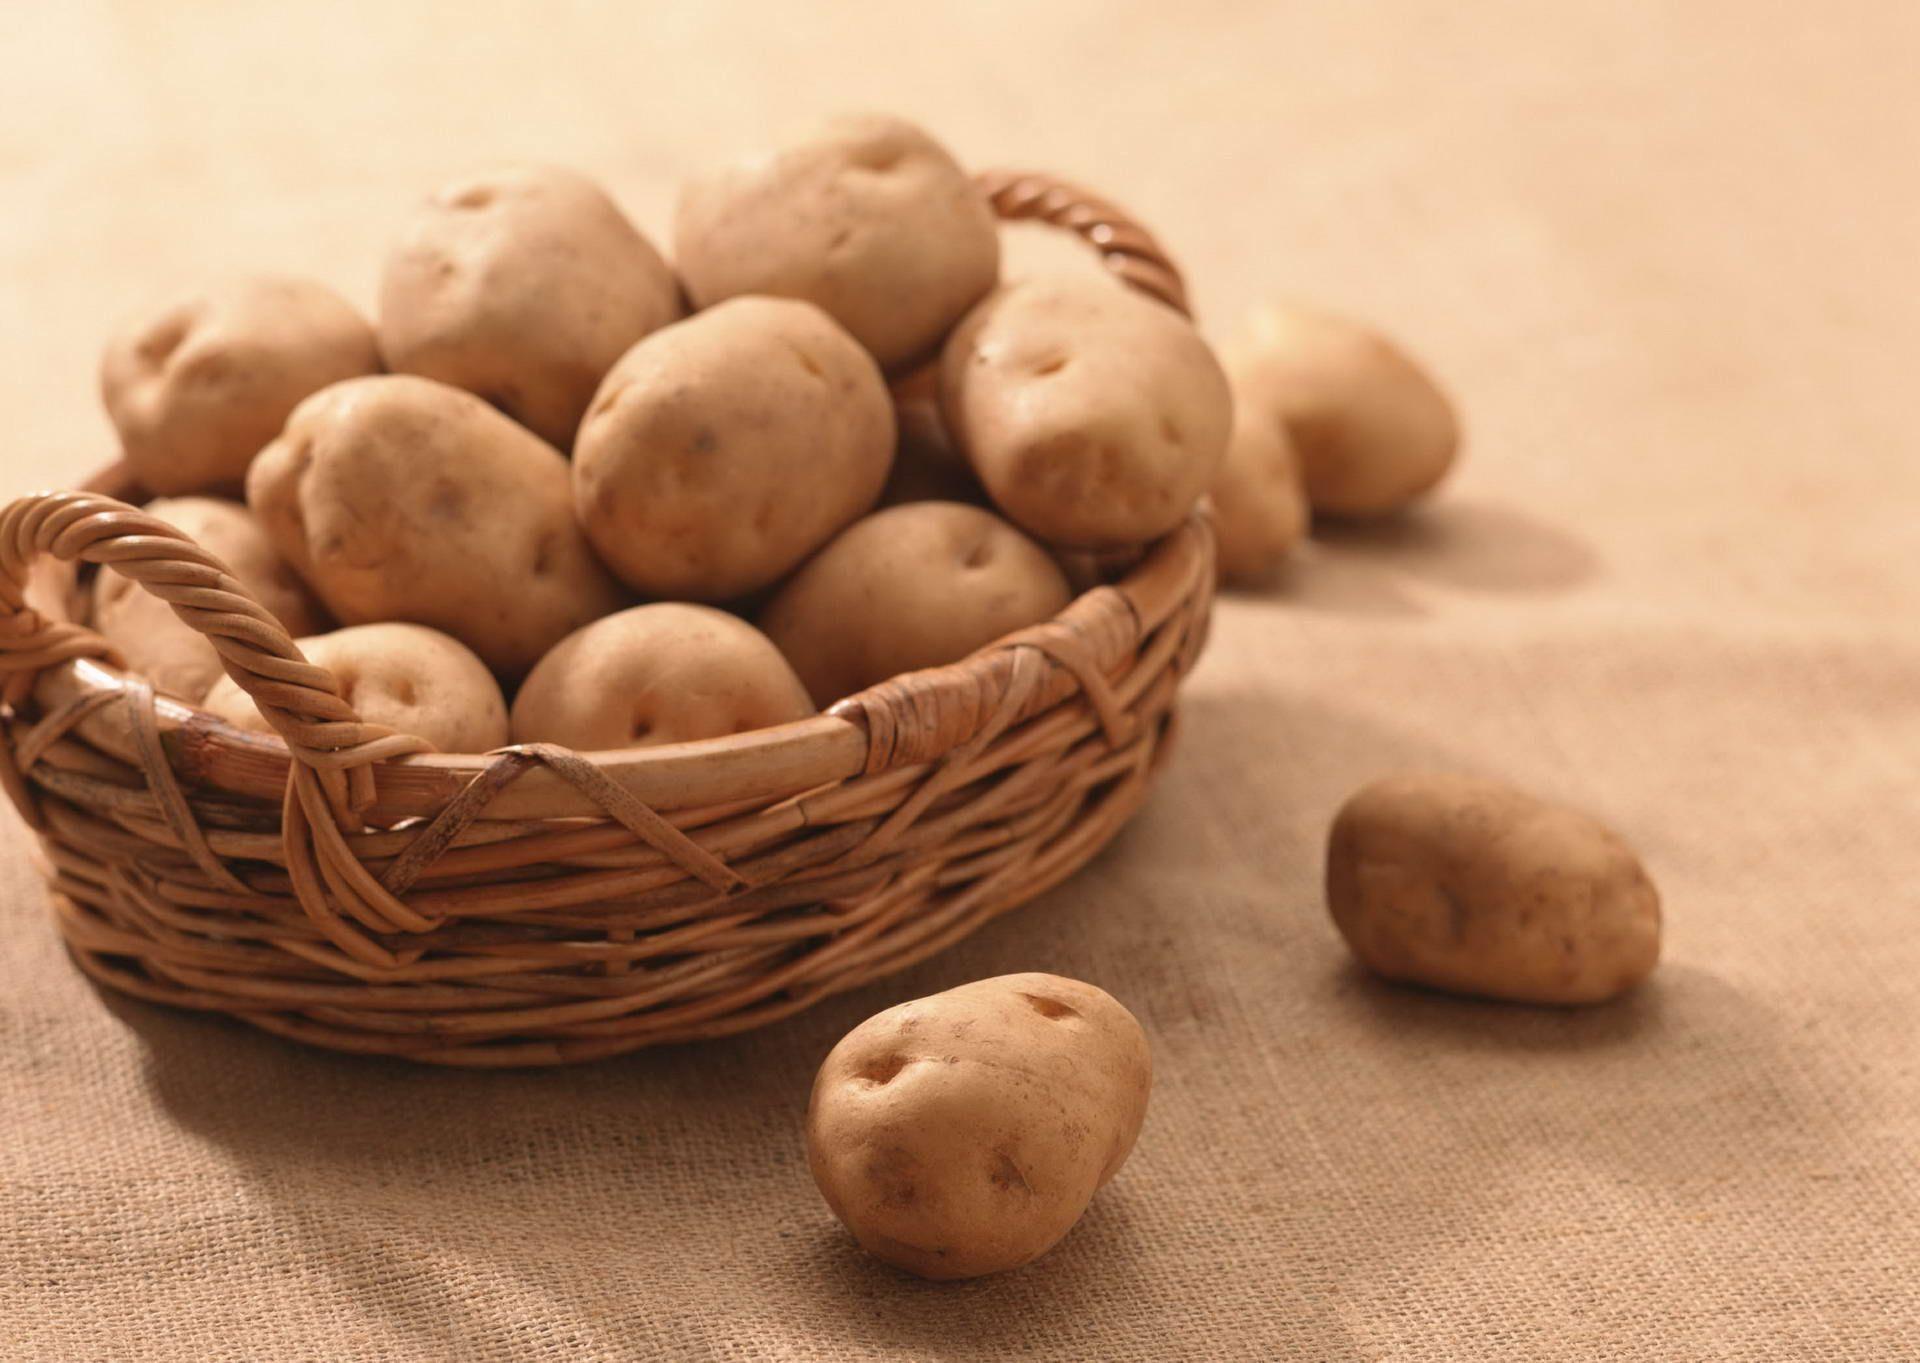 Правила хранения картофеля в погребе и квартире